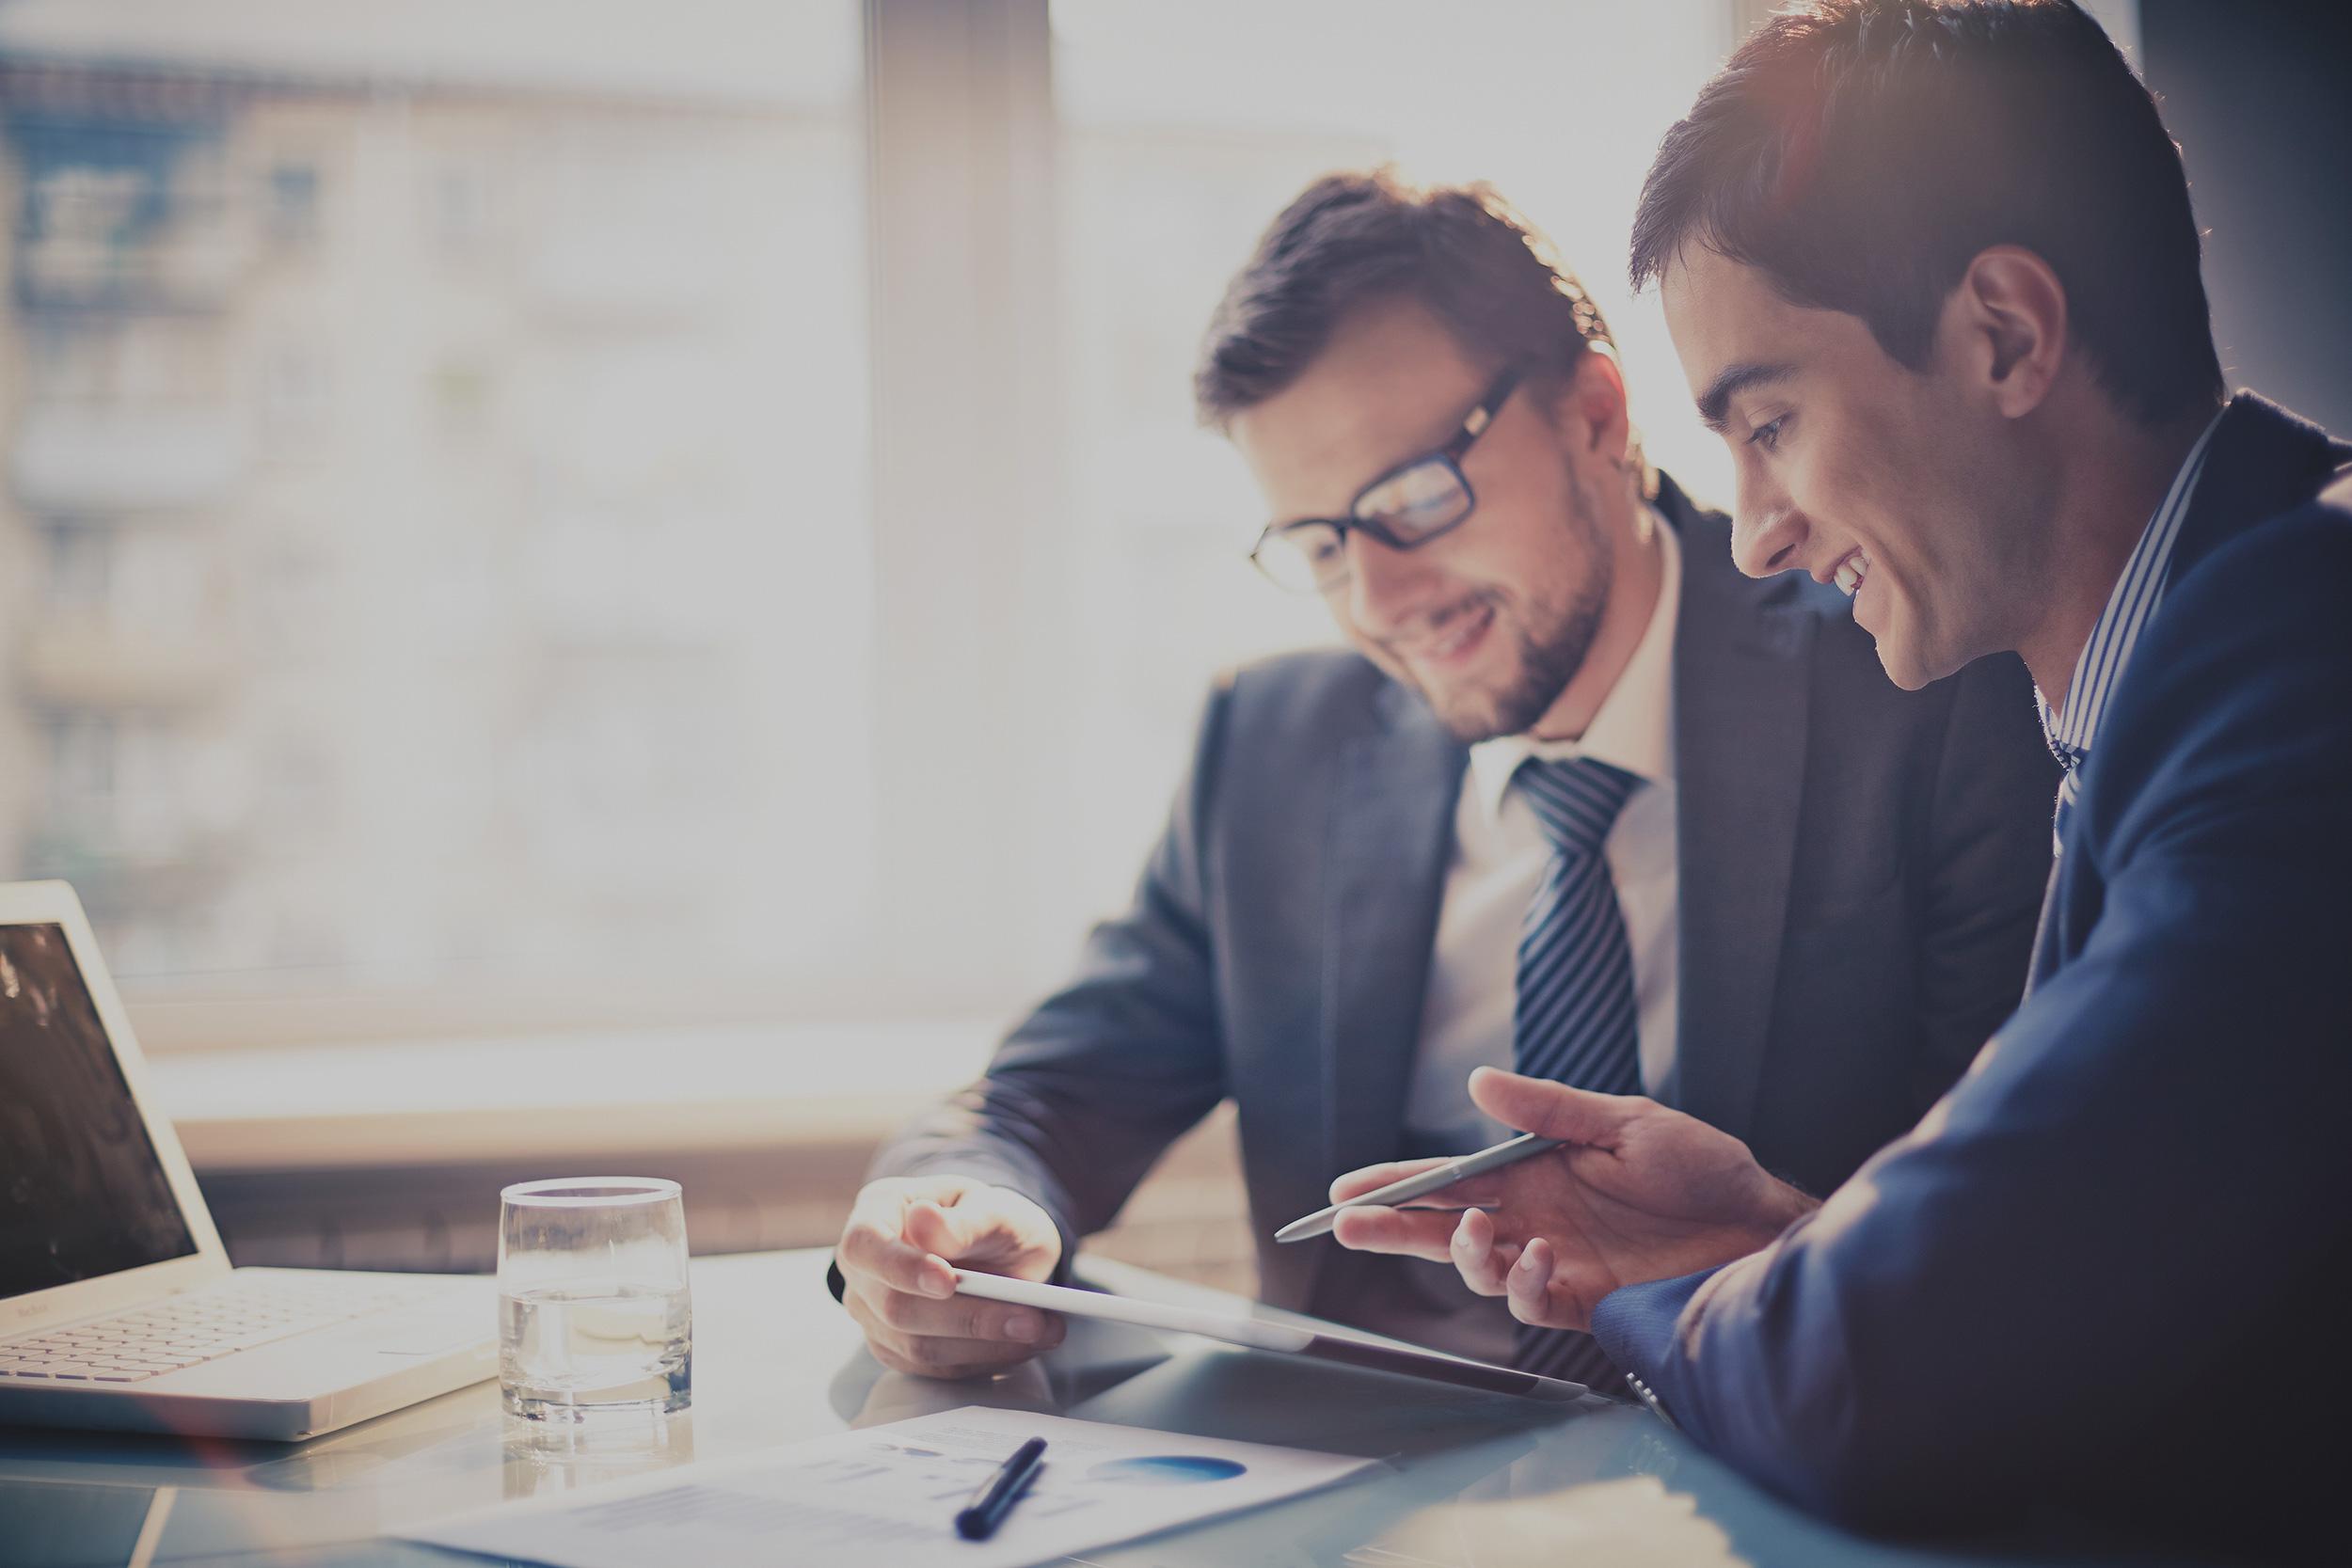 IT-Trainer mit Fachkompetenz, IT-Training und Unterhaltung